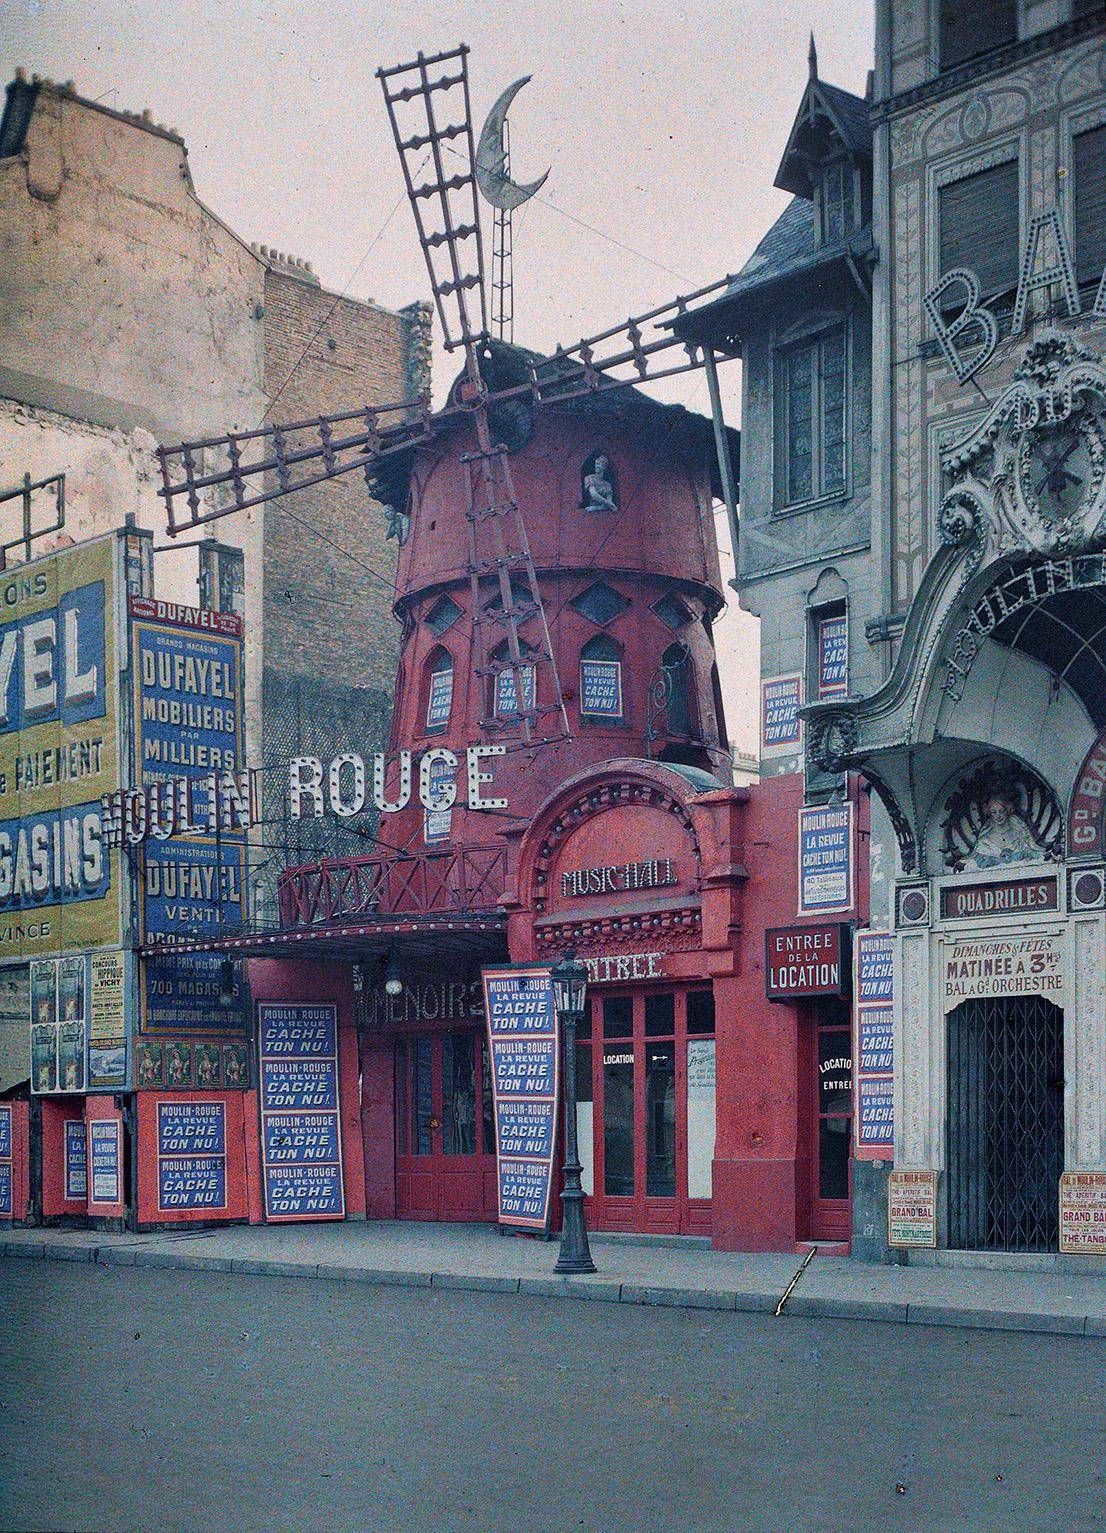 Albert Kahn, Les Archives de la planete Stephane Passet Frankreich, Paris, XVIII. arr., boulevard de Clichy, Le Moulin Rouge, Juni-Juli 1914